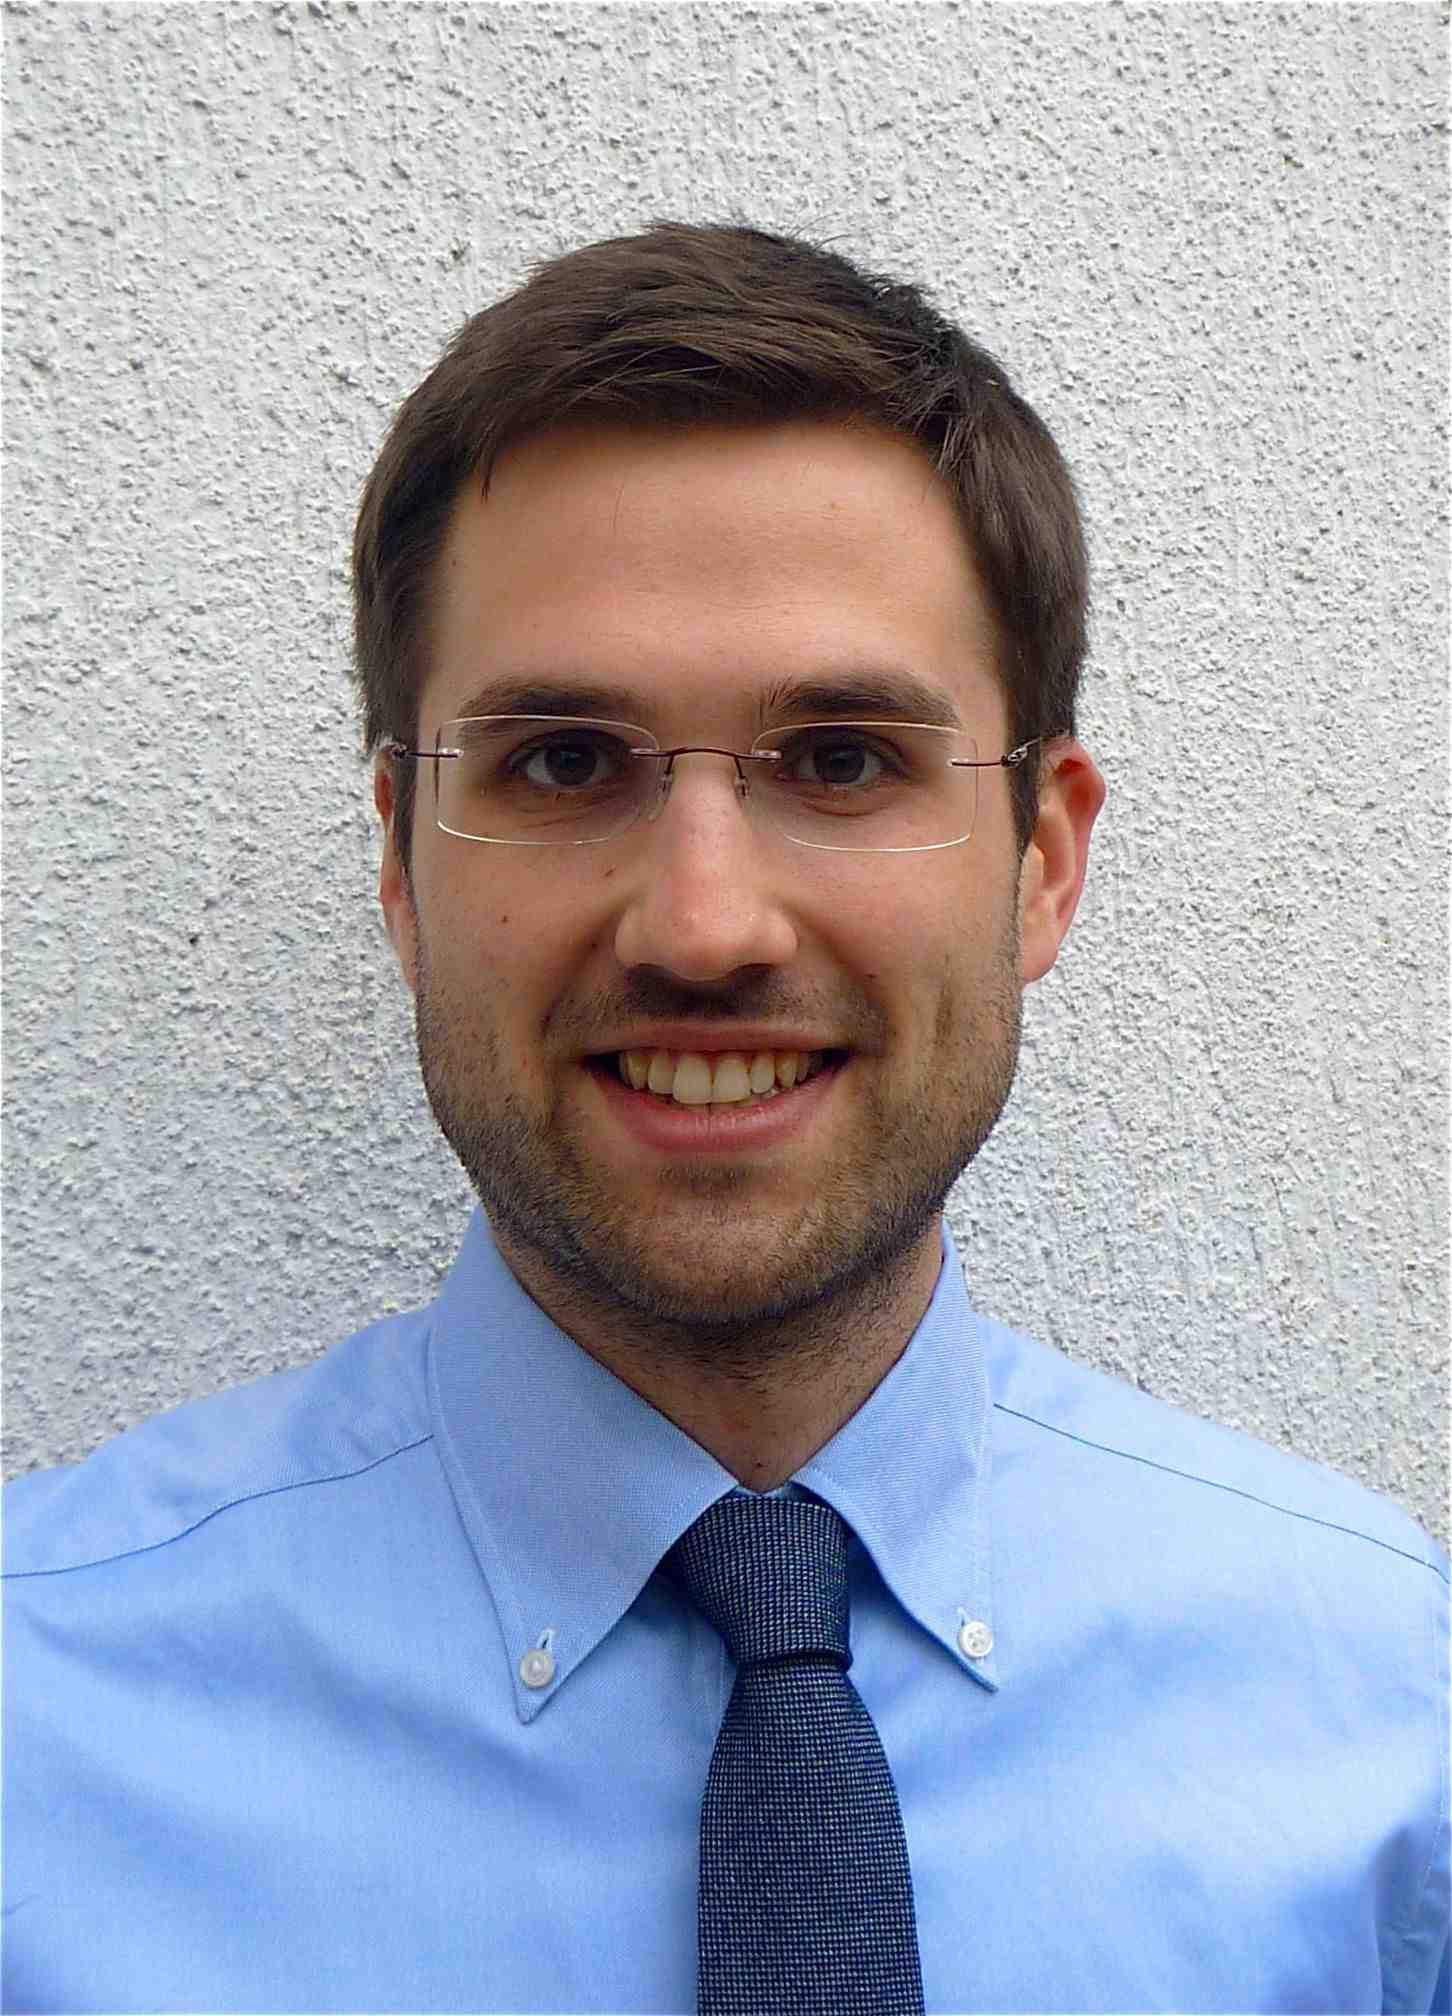 Robert Terlević, M.D.